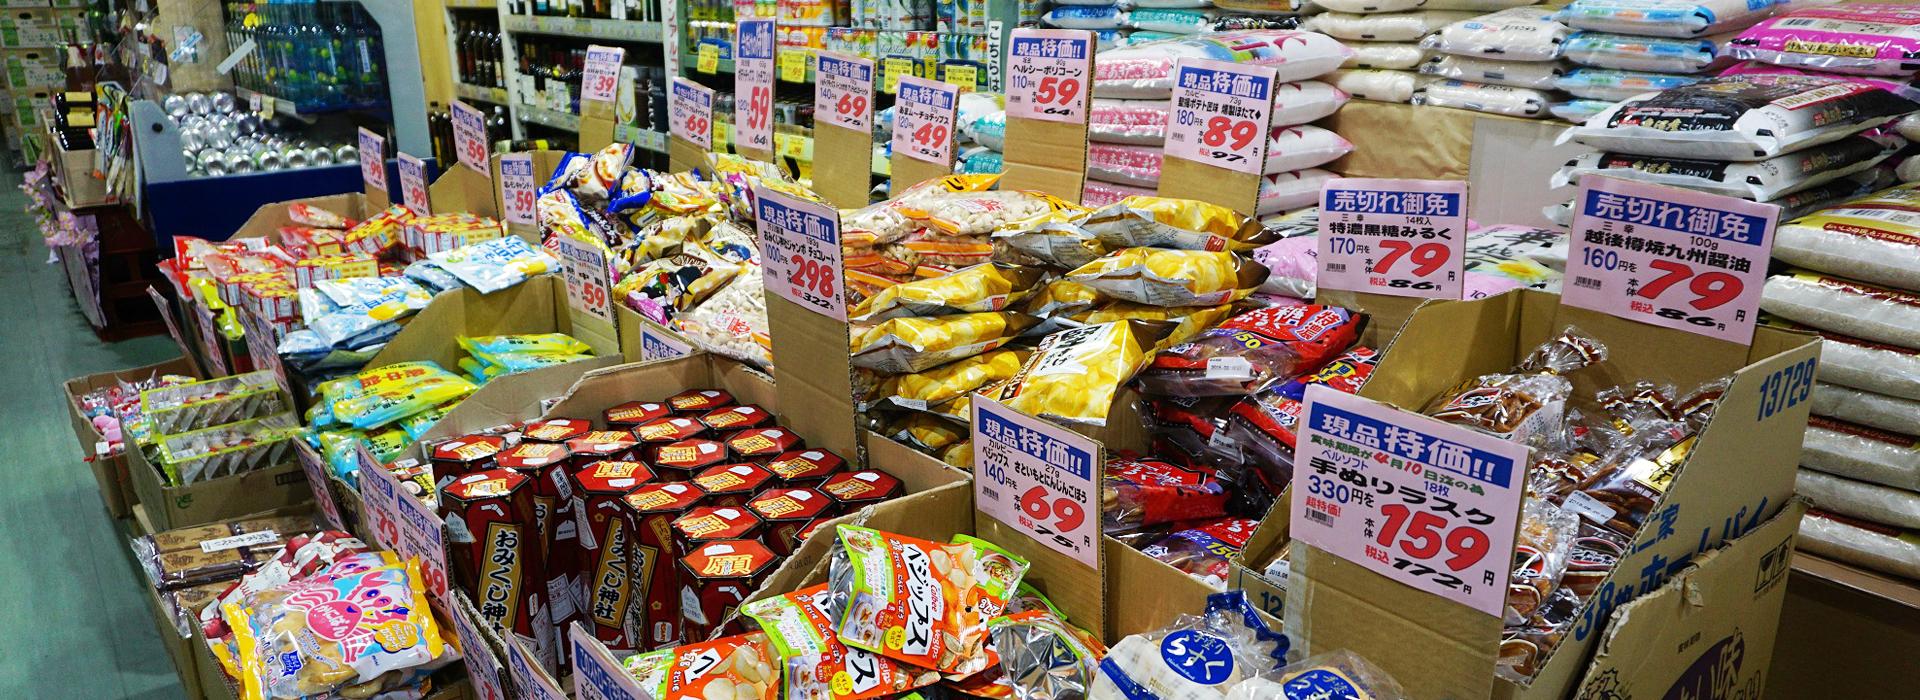 在日本,從主婦去的超市就可以知道家庭的收入狀況